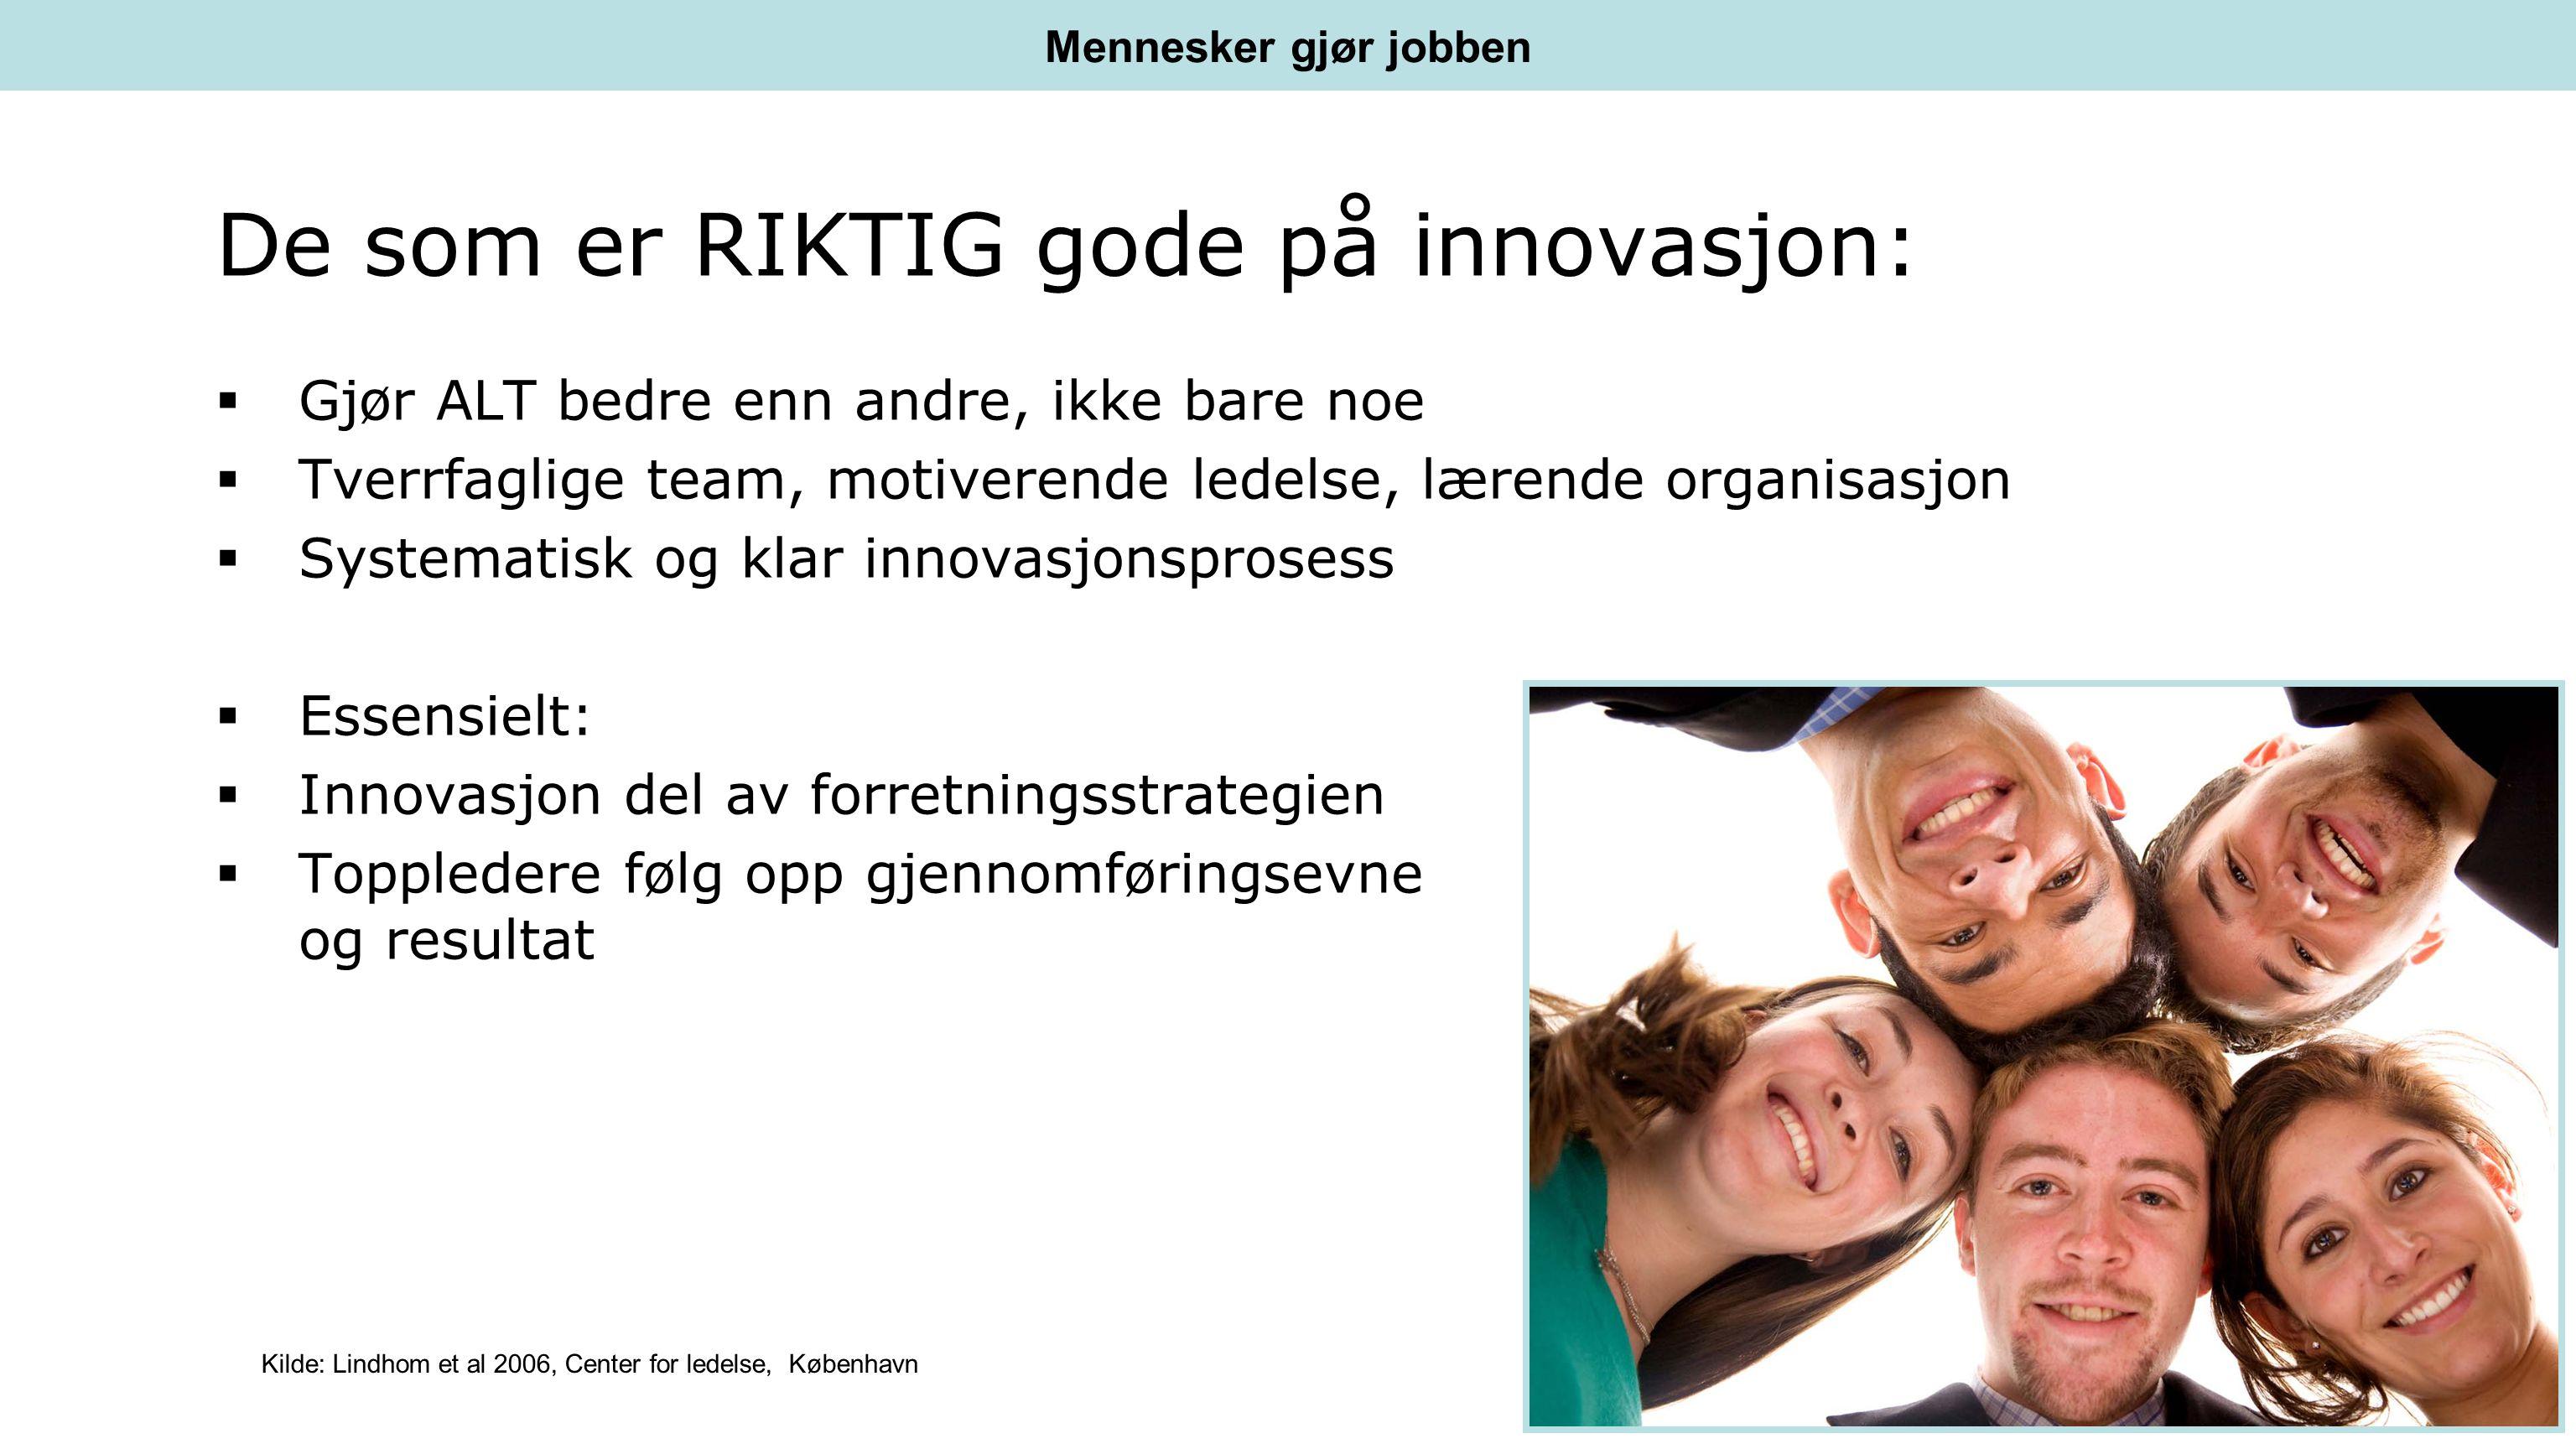 De som er RIKTIG gode på innovasjon:  Gjør ALT bedre enn andre, ikke bare noe  Tverrfaglige team, motiverende ledelse, lærende organisasjon  Systematisk og klar innovasjonsprosess  Essensielt:  Innovasjon del av forretningsstrategien  Toppledere følg opp gjennomføringsevne og resultat Mennesker gjør jobben Kilde: Lindhom et al 2006, Center for ledelse, København